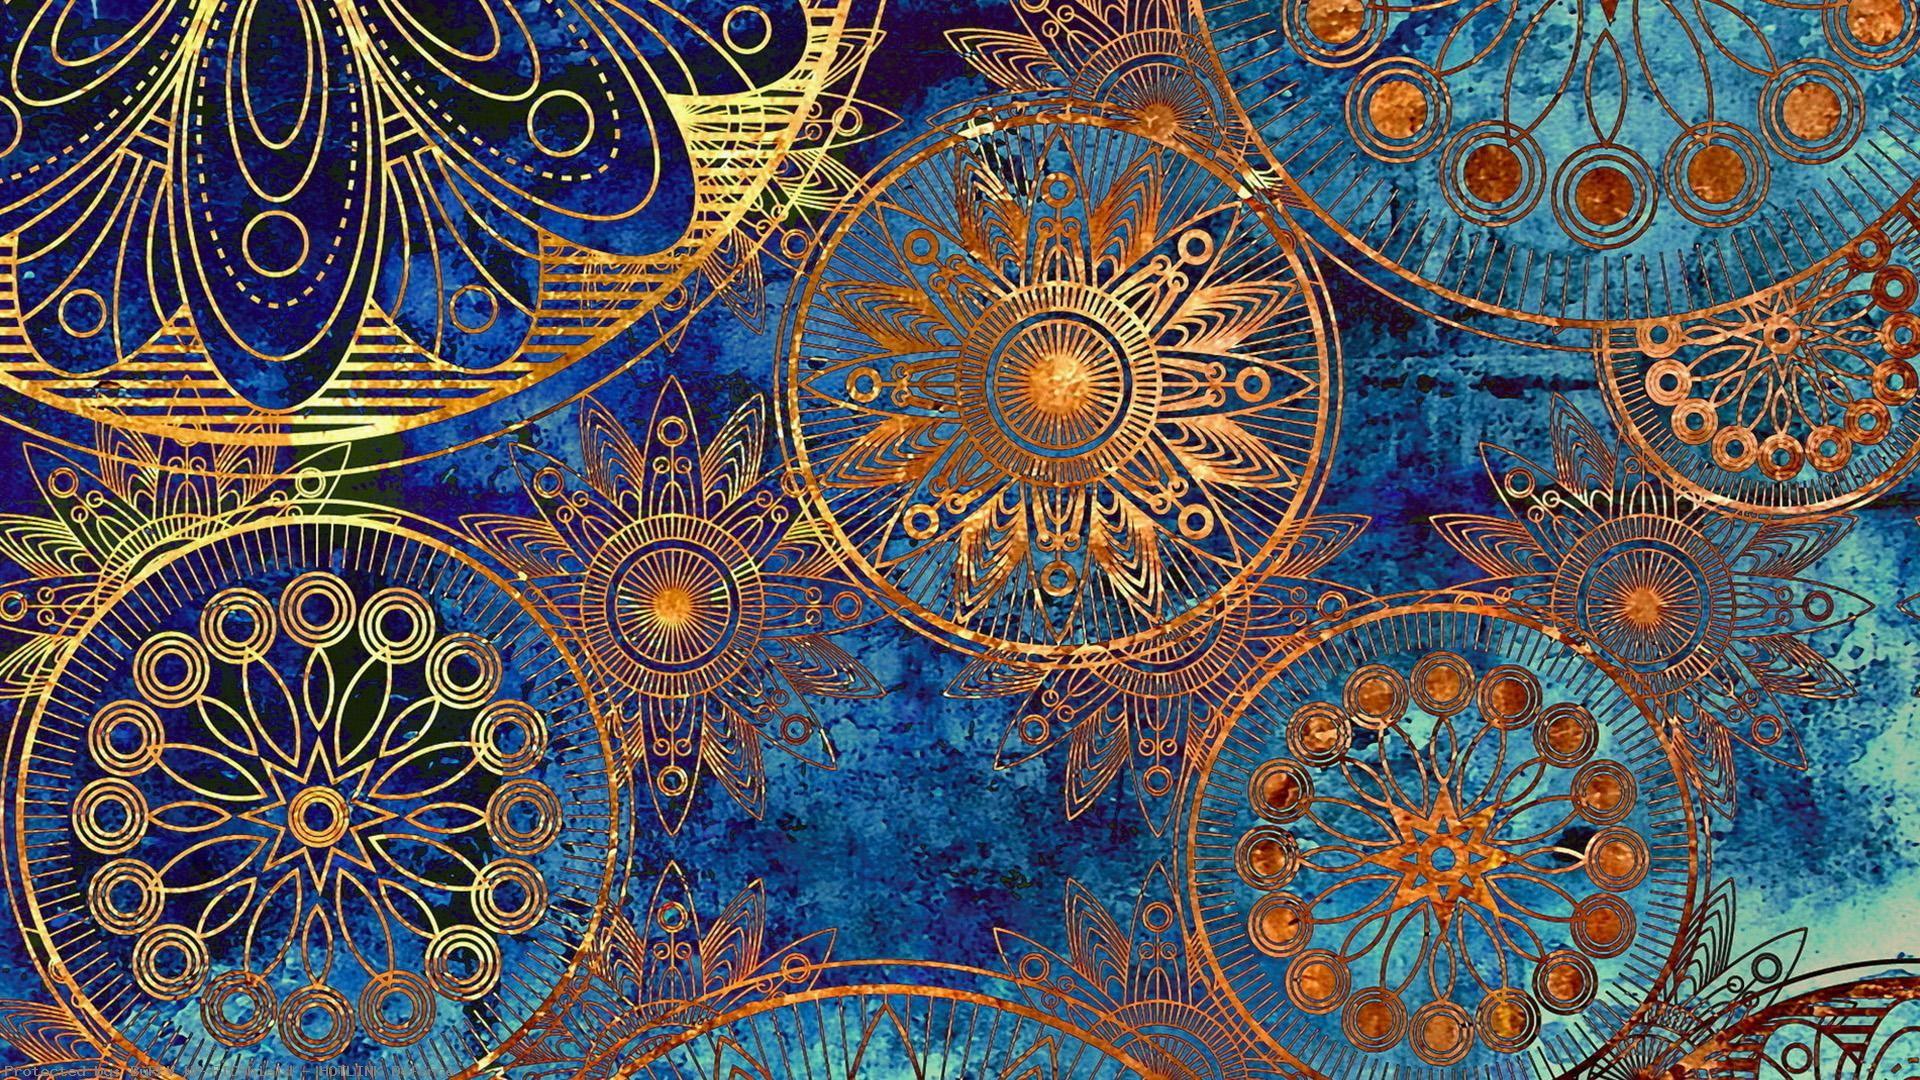 Art-deco-HD-Desktop-wallpaper-wp6002772